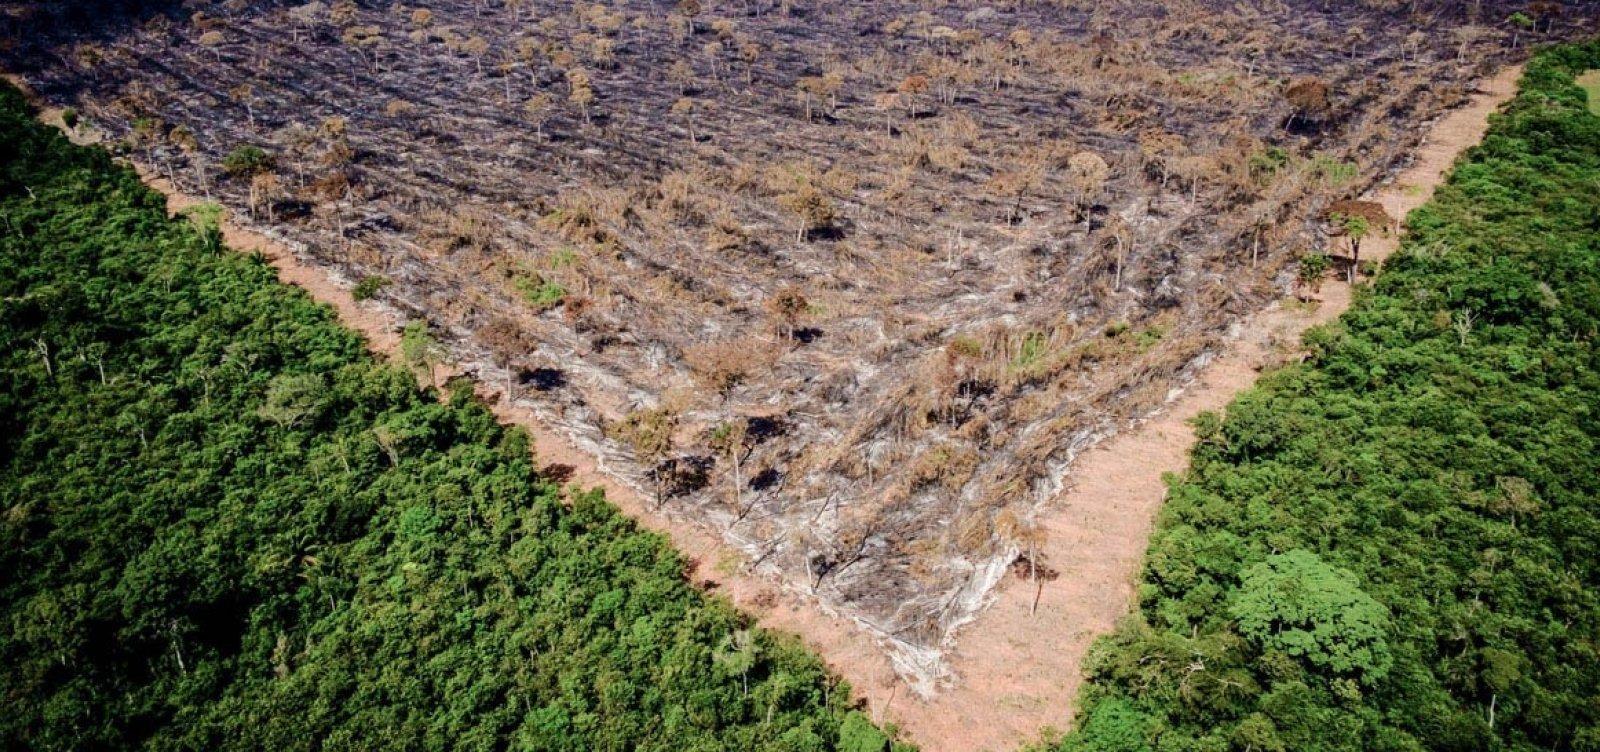 Bolsonaro sobre Amazônia: 'Nem se você pegar o fósforo, o álcool, é difícil pegar fogo'